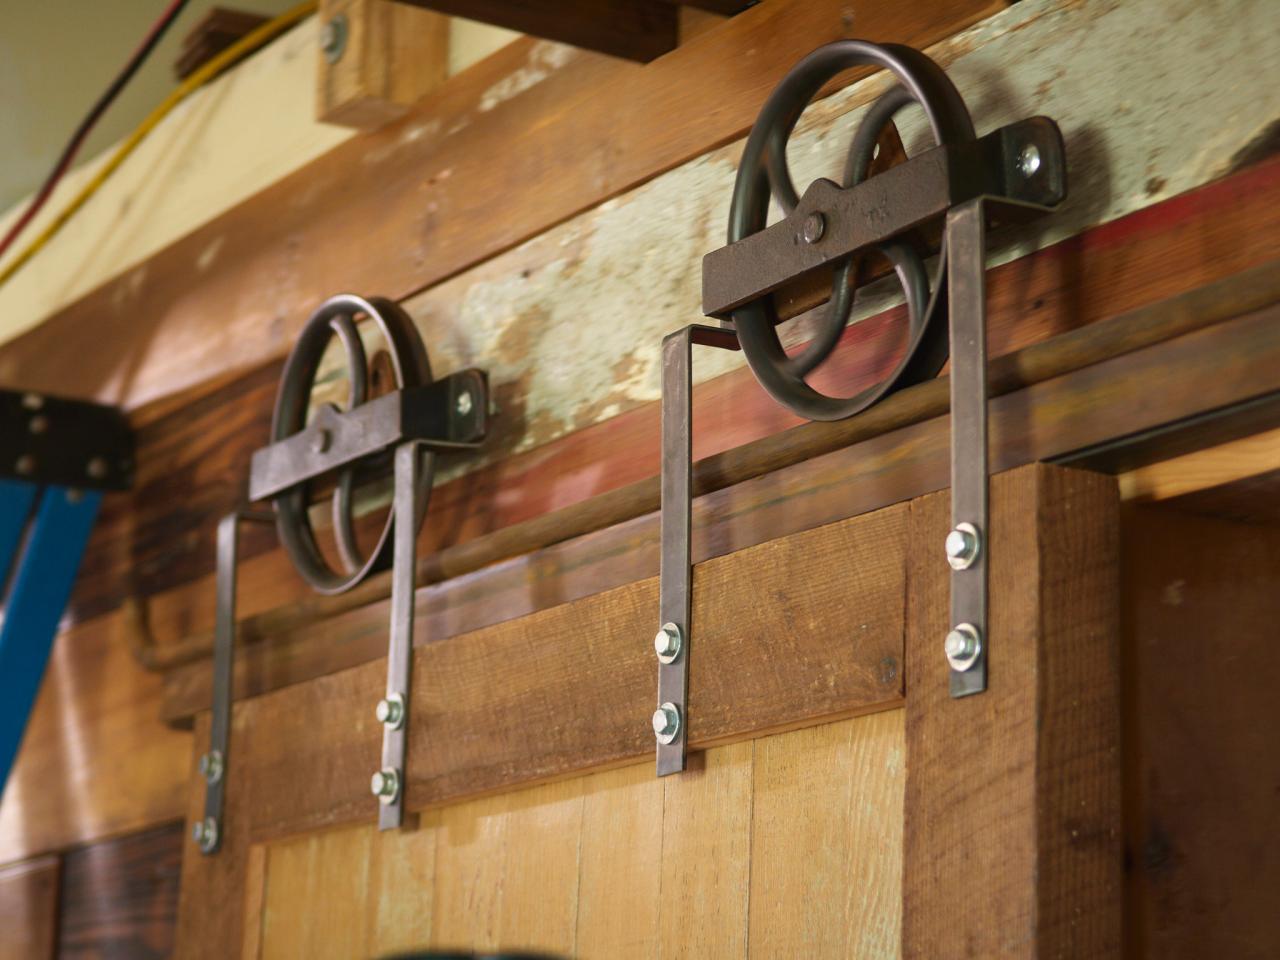 Diy sliding interior barn doors - Diy Sliding Interior Barn Doors